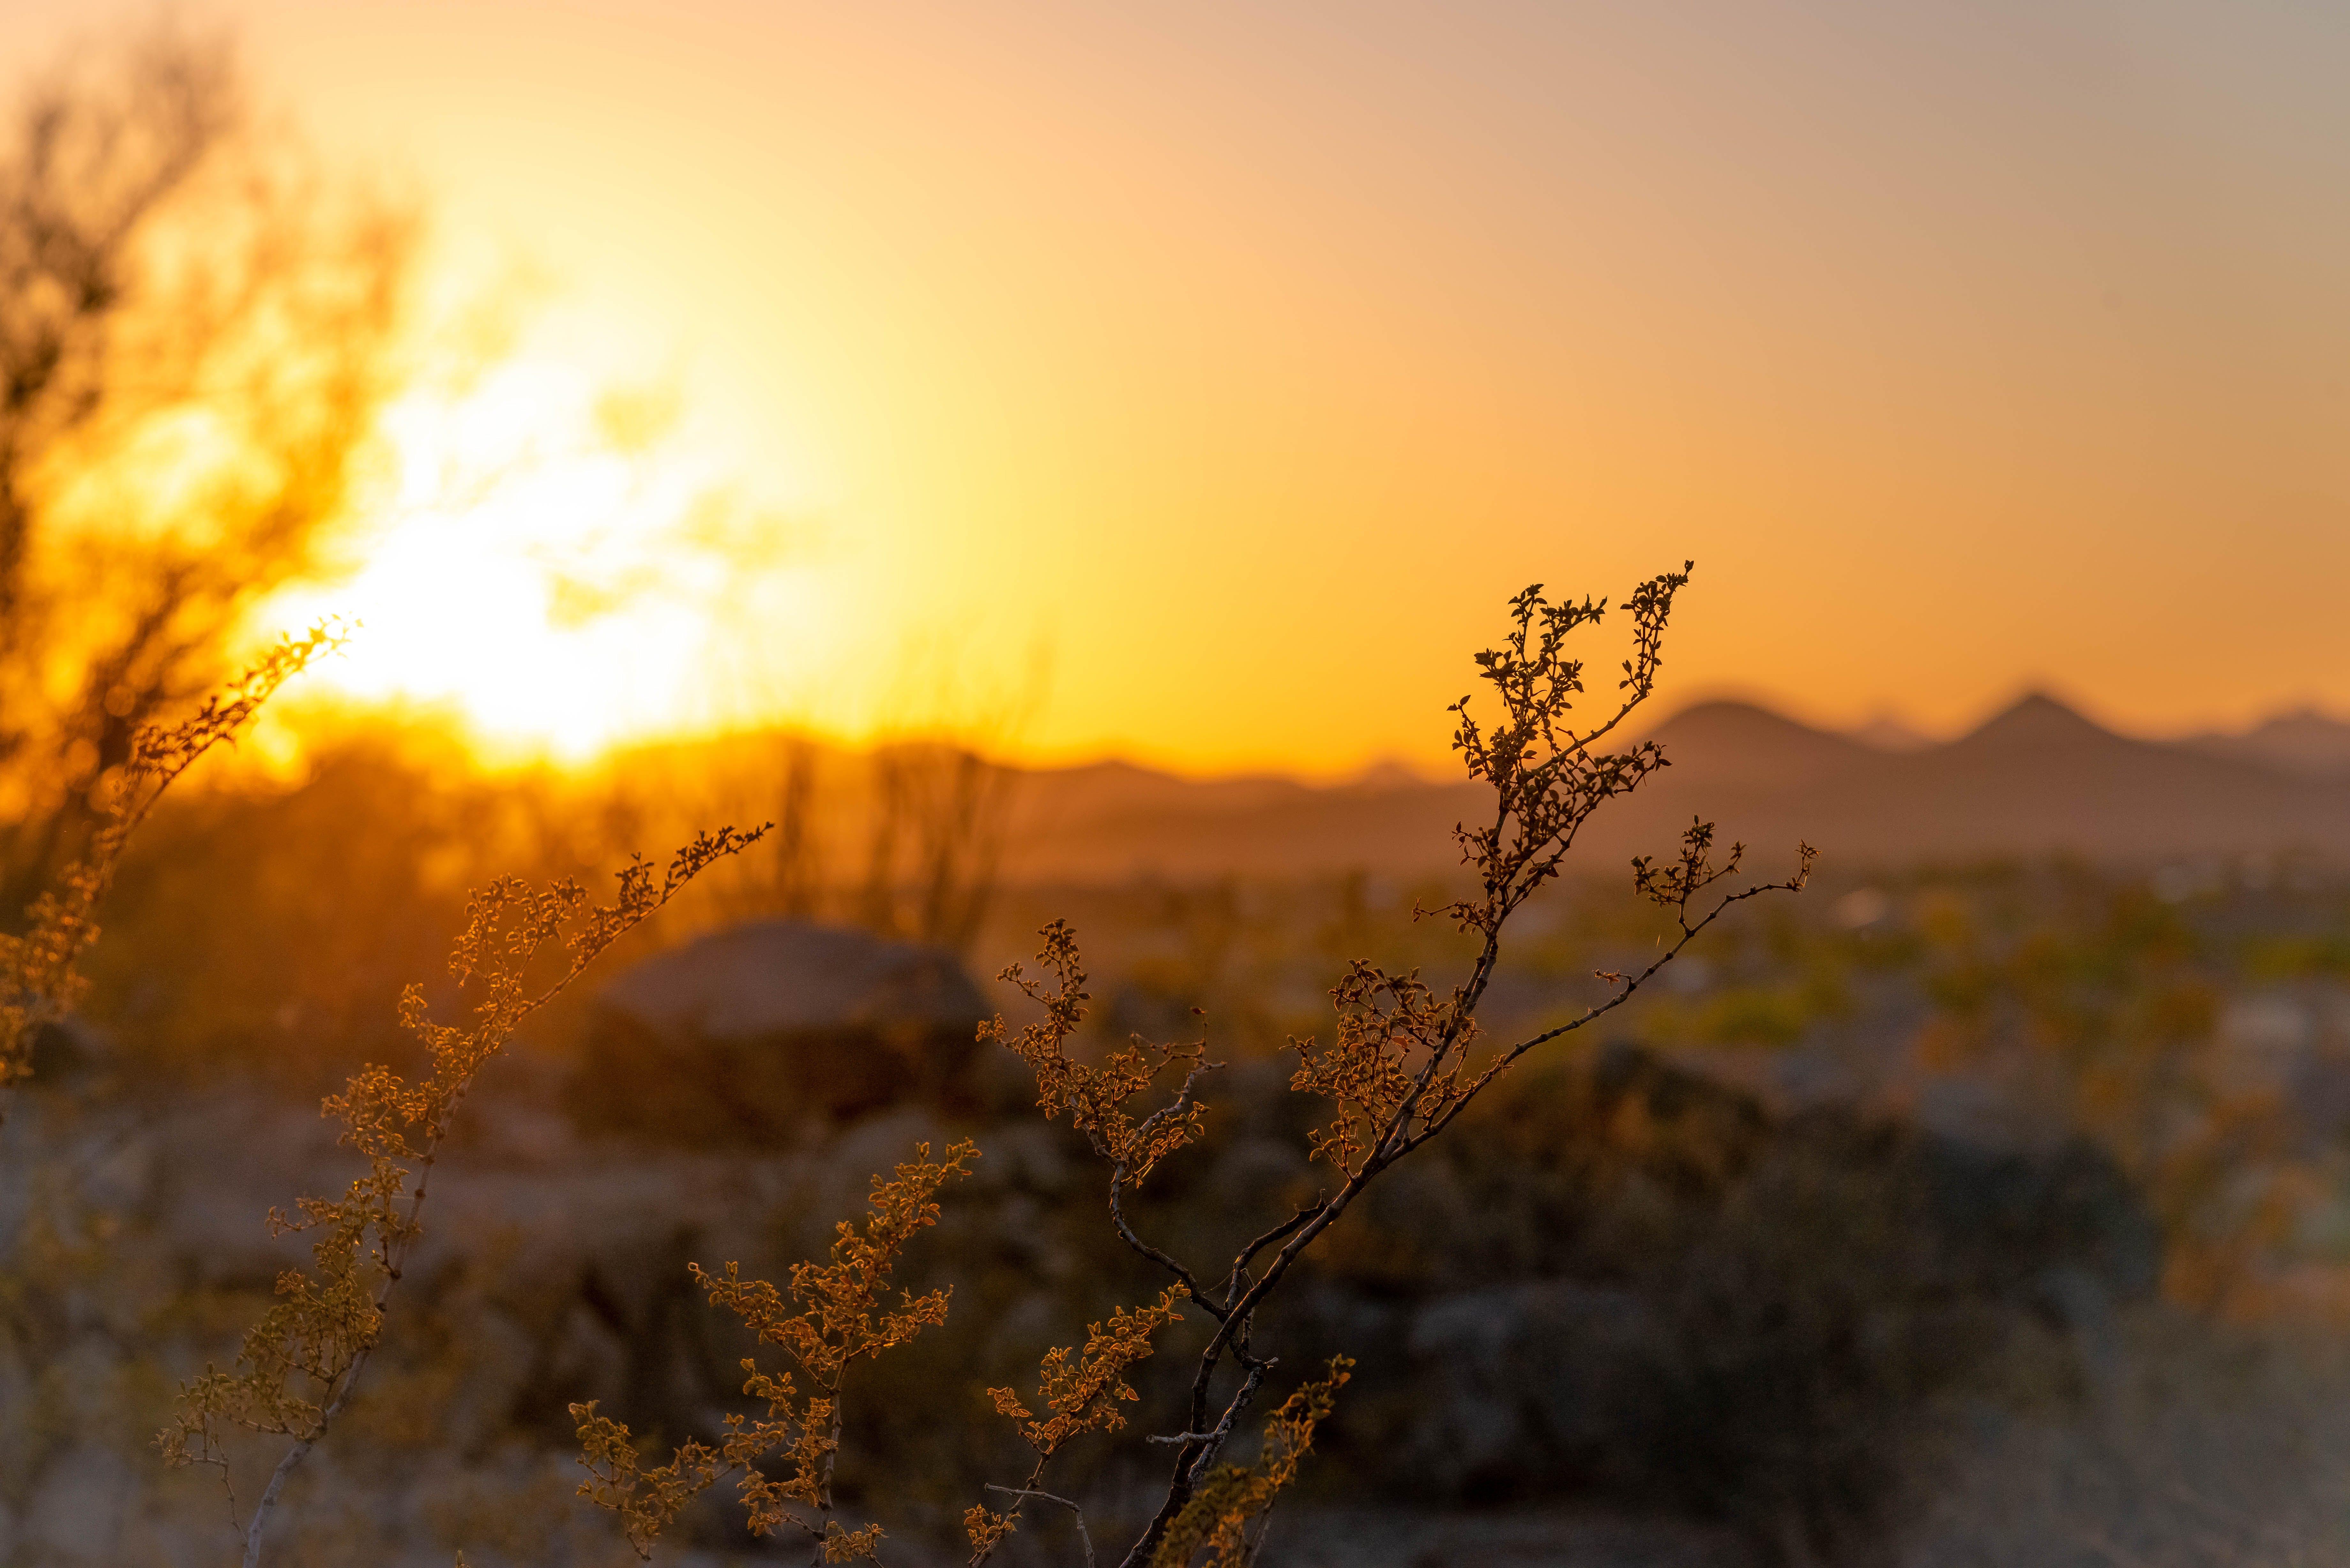 คลังภาพถ่ายฟรี ของ ชั่วโมงทอง, ดวงอาทิตย์, ตะวันลับฟ้า, ต้นไม้